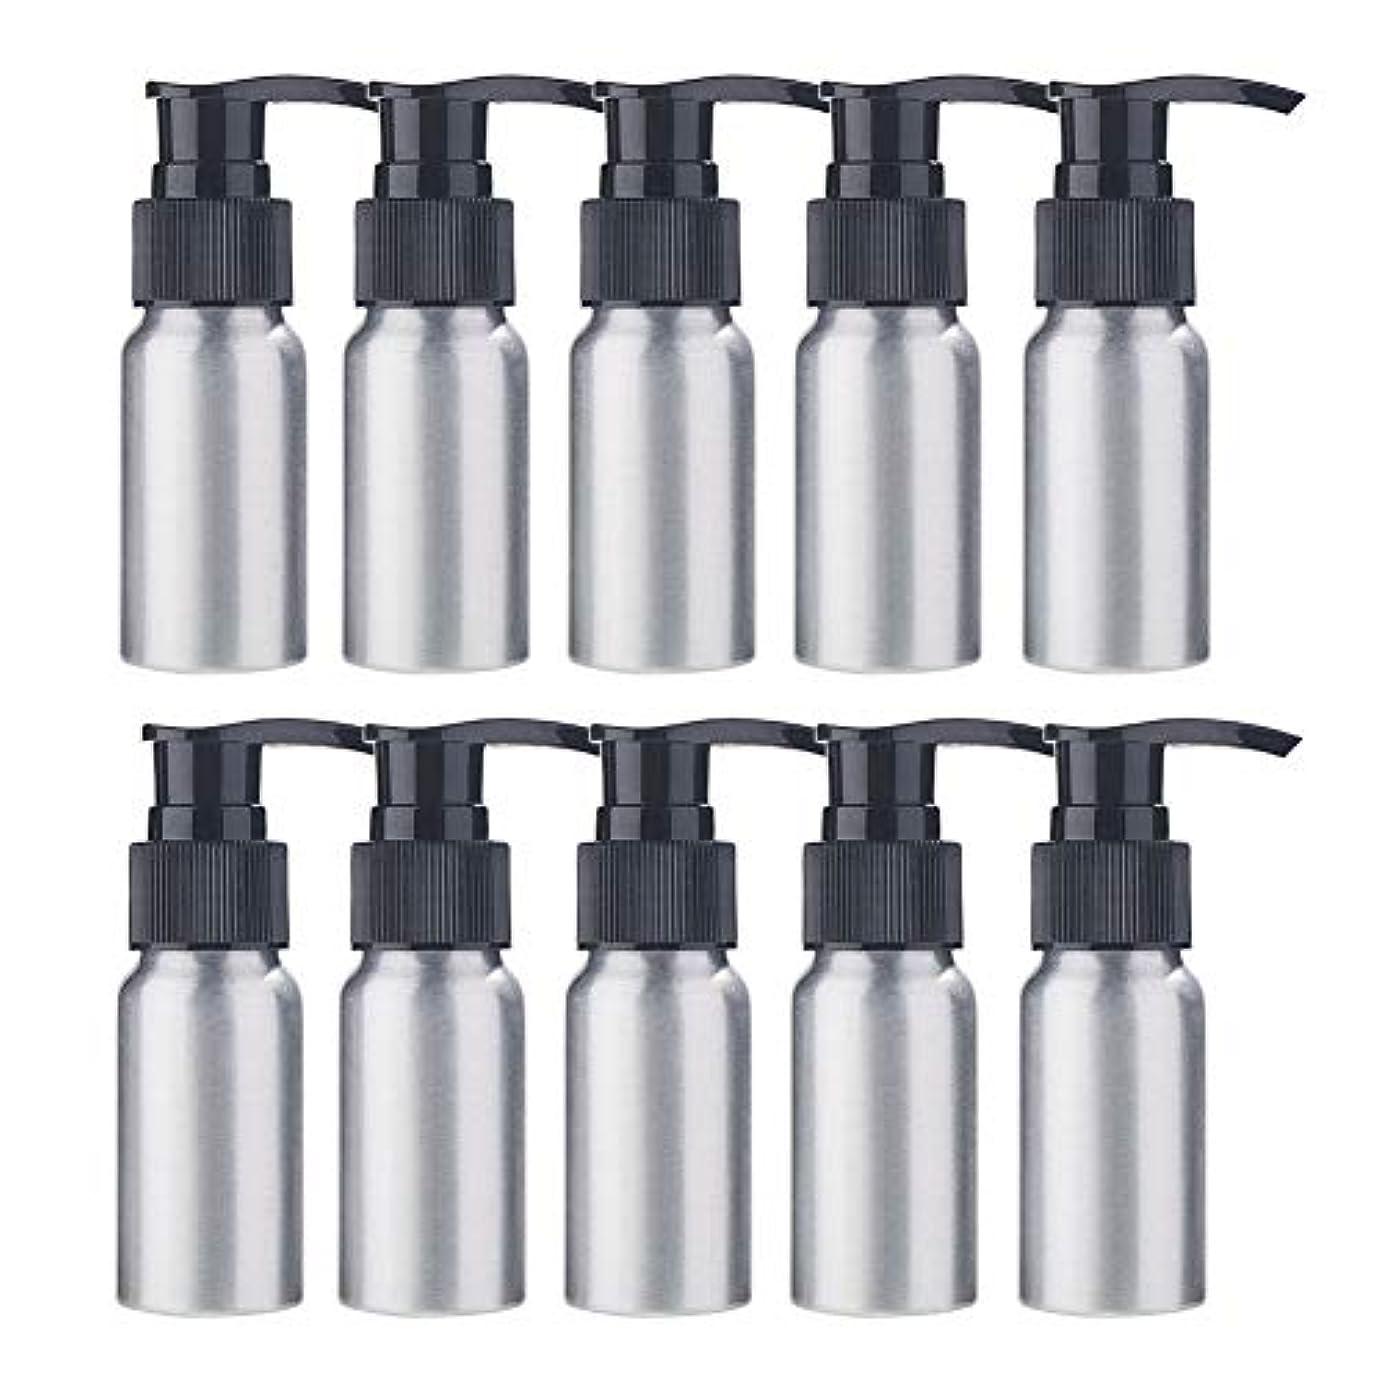 読む植物学者腐敗したBENECREAT 10個セット30mlポンプアルミボトル 空ボトル 防錆 軽量 化粧品 クリーム 小分け 詰め替え 黒いポンプ